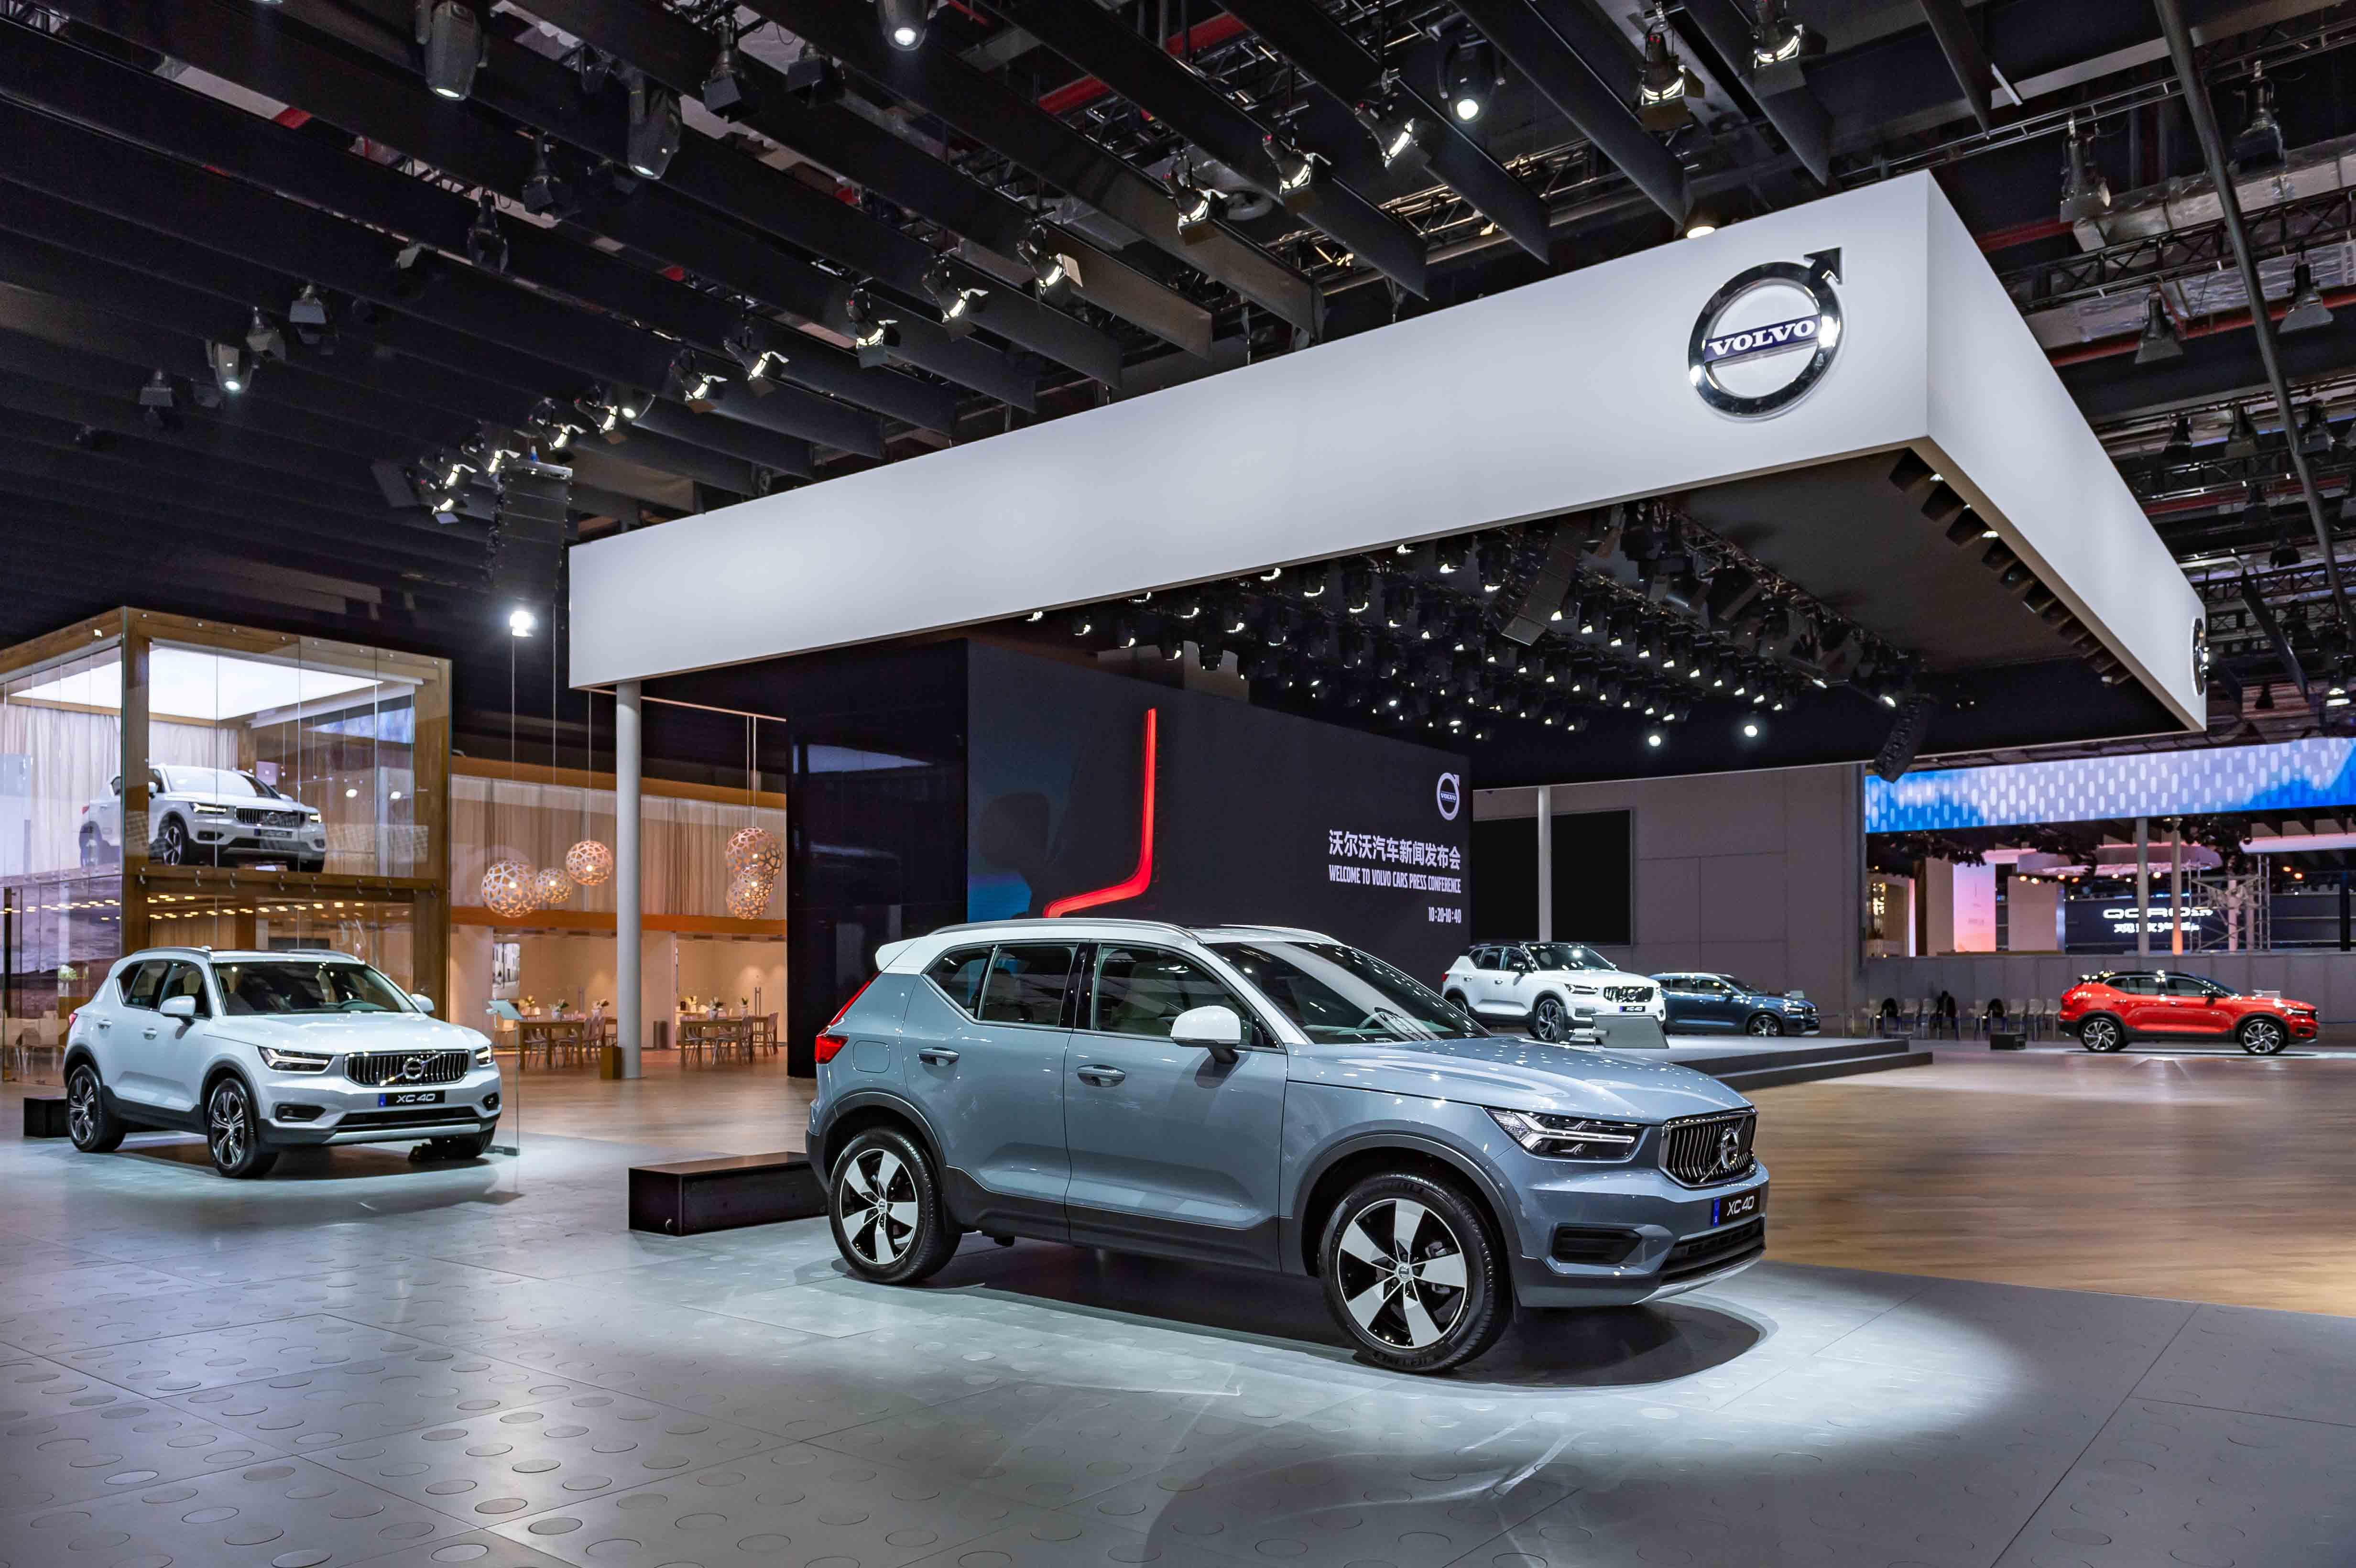 林志玲倾情助阵点燃灵感新生活都市豪华纯正SUV沃尔沃汽车全新XC40预售开启